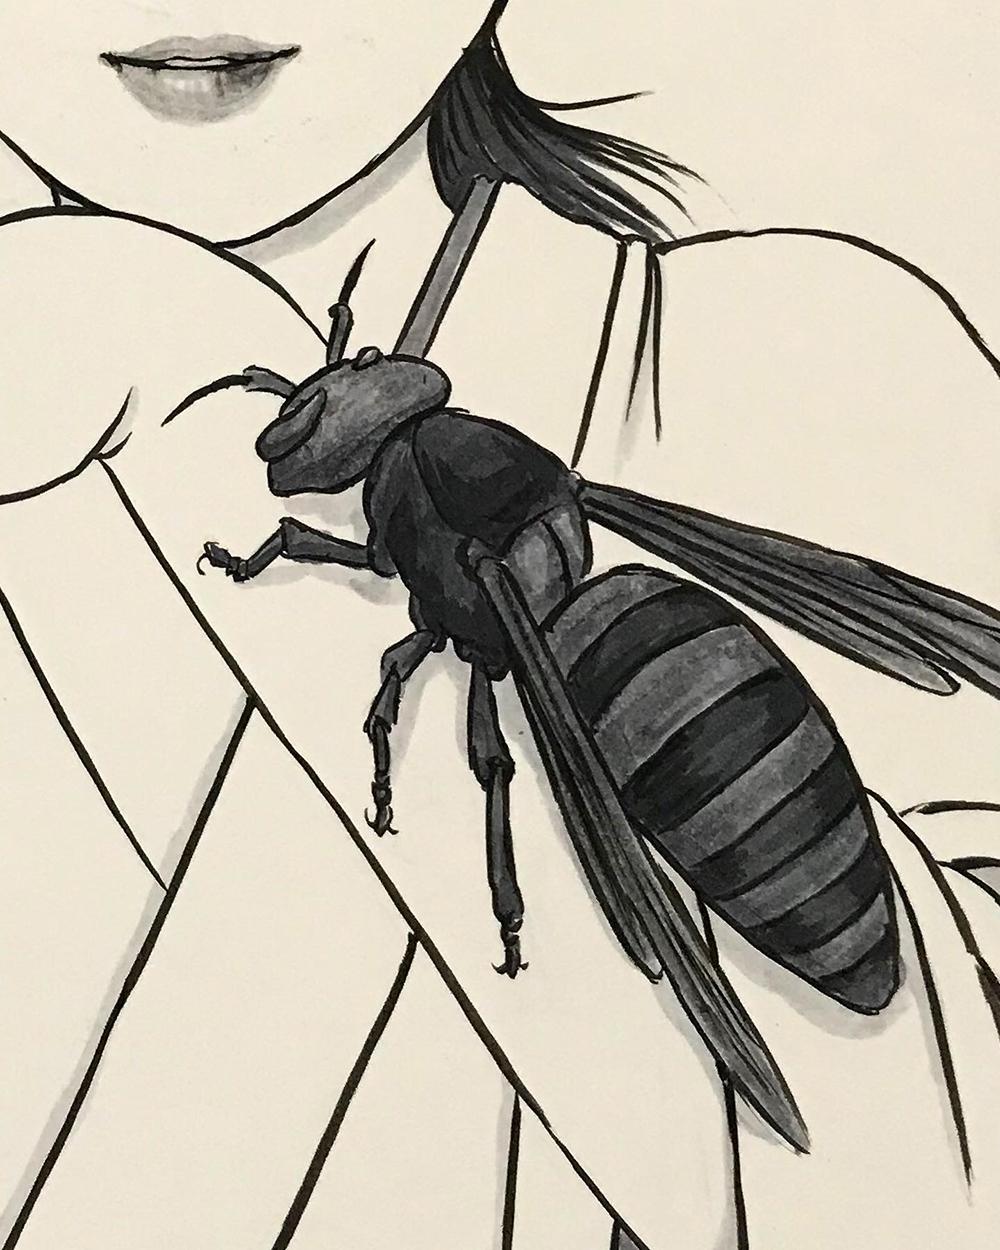 スズメバチ使いの女 SUZUMEBACHI1